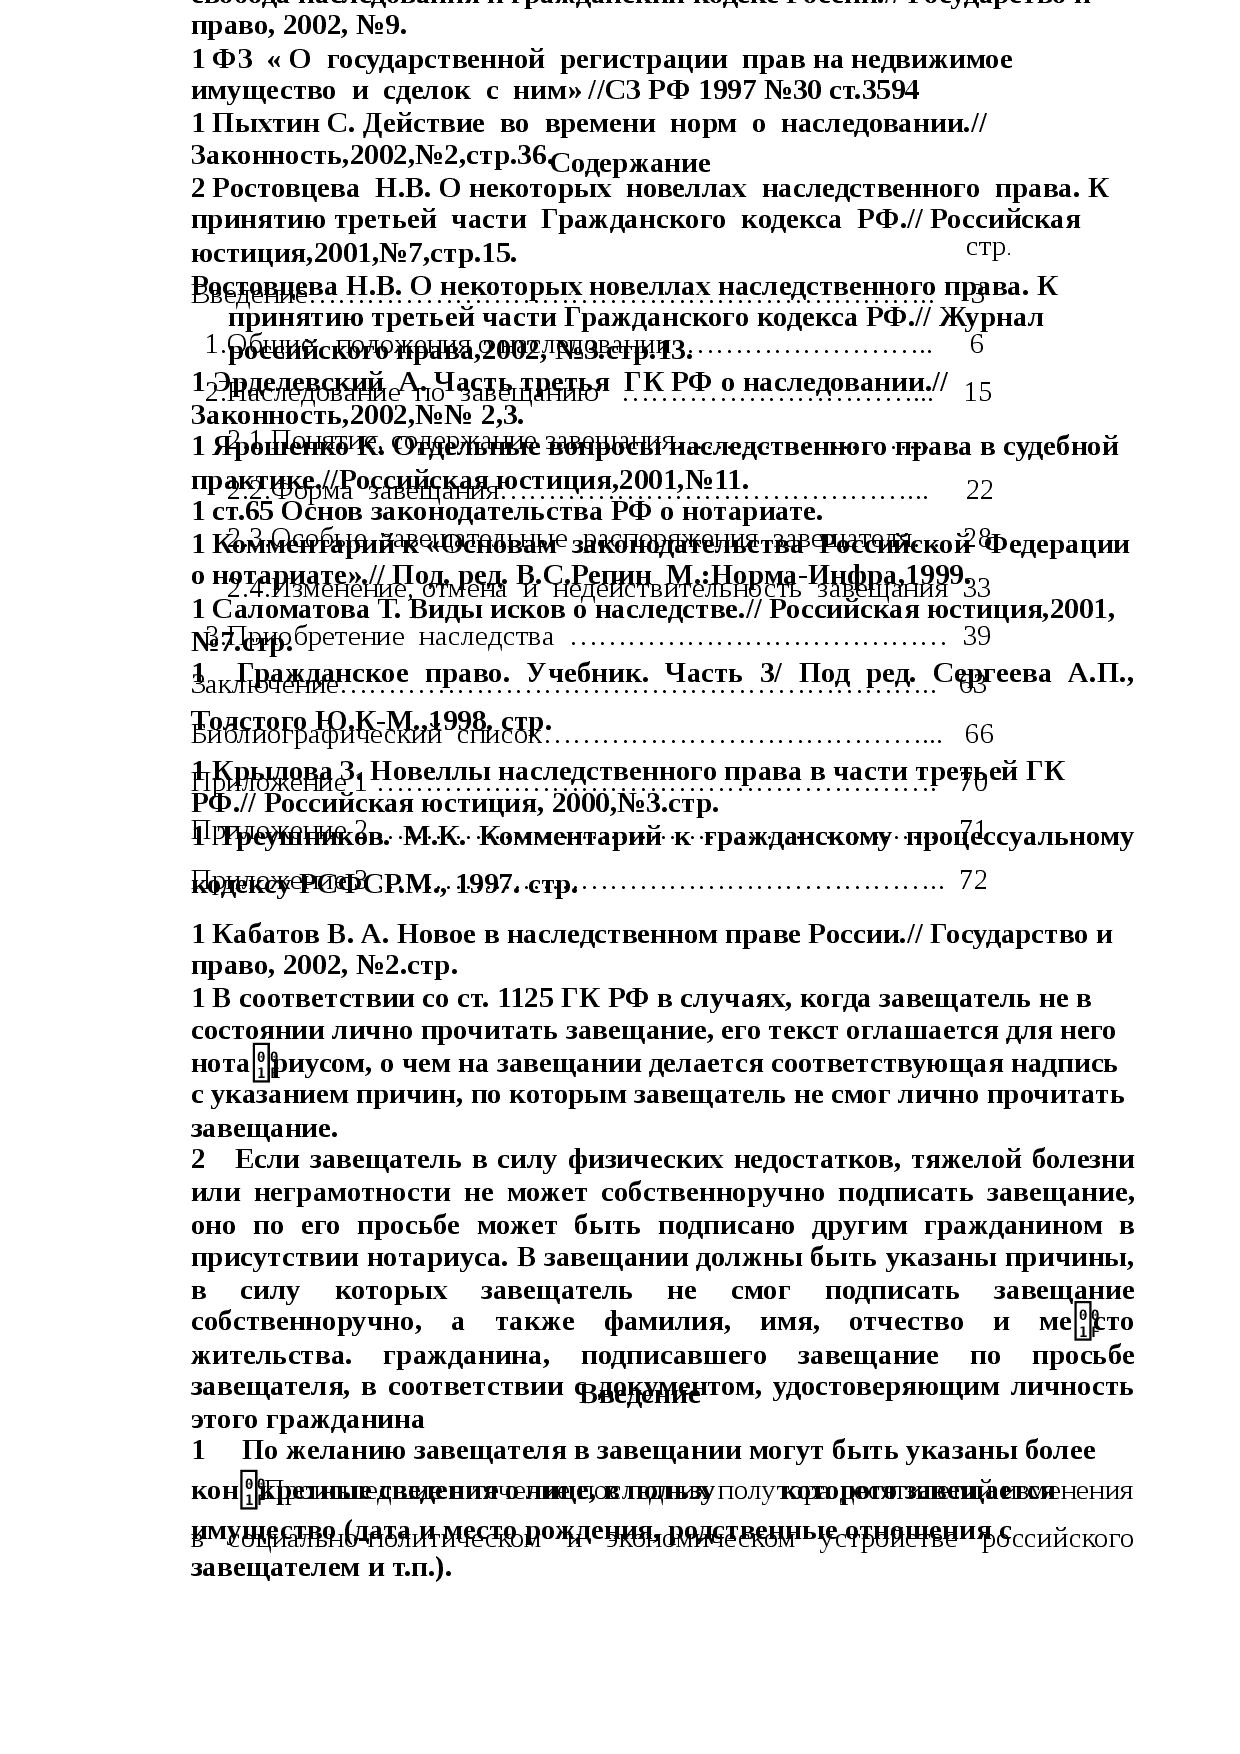 Закон о наследстве по завещанию рф